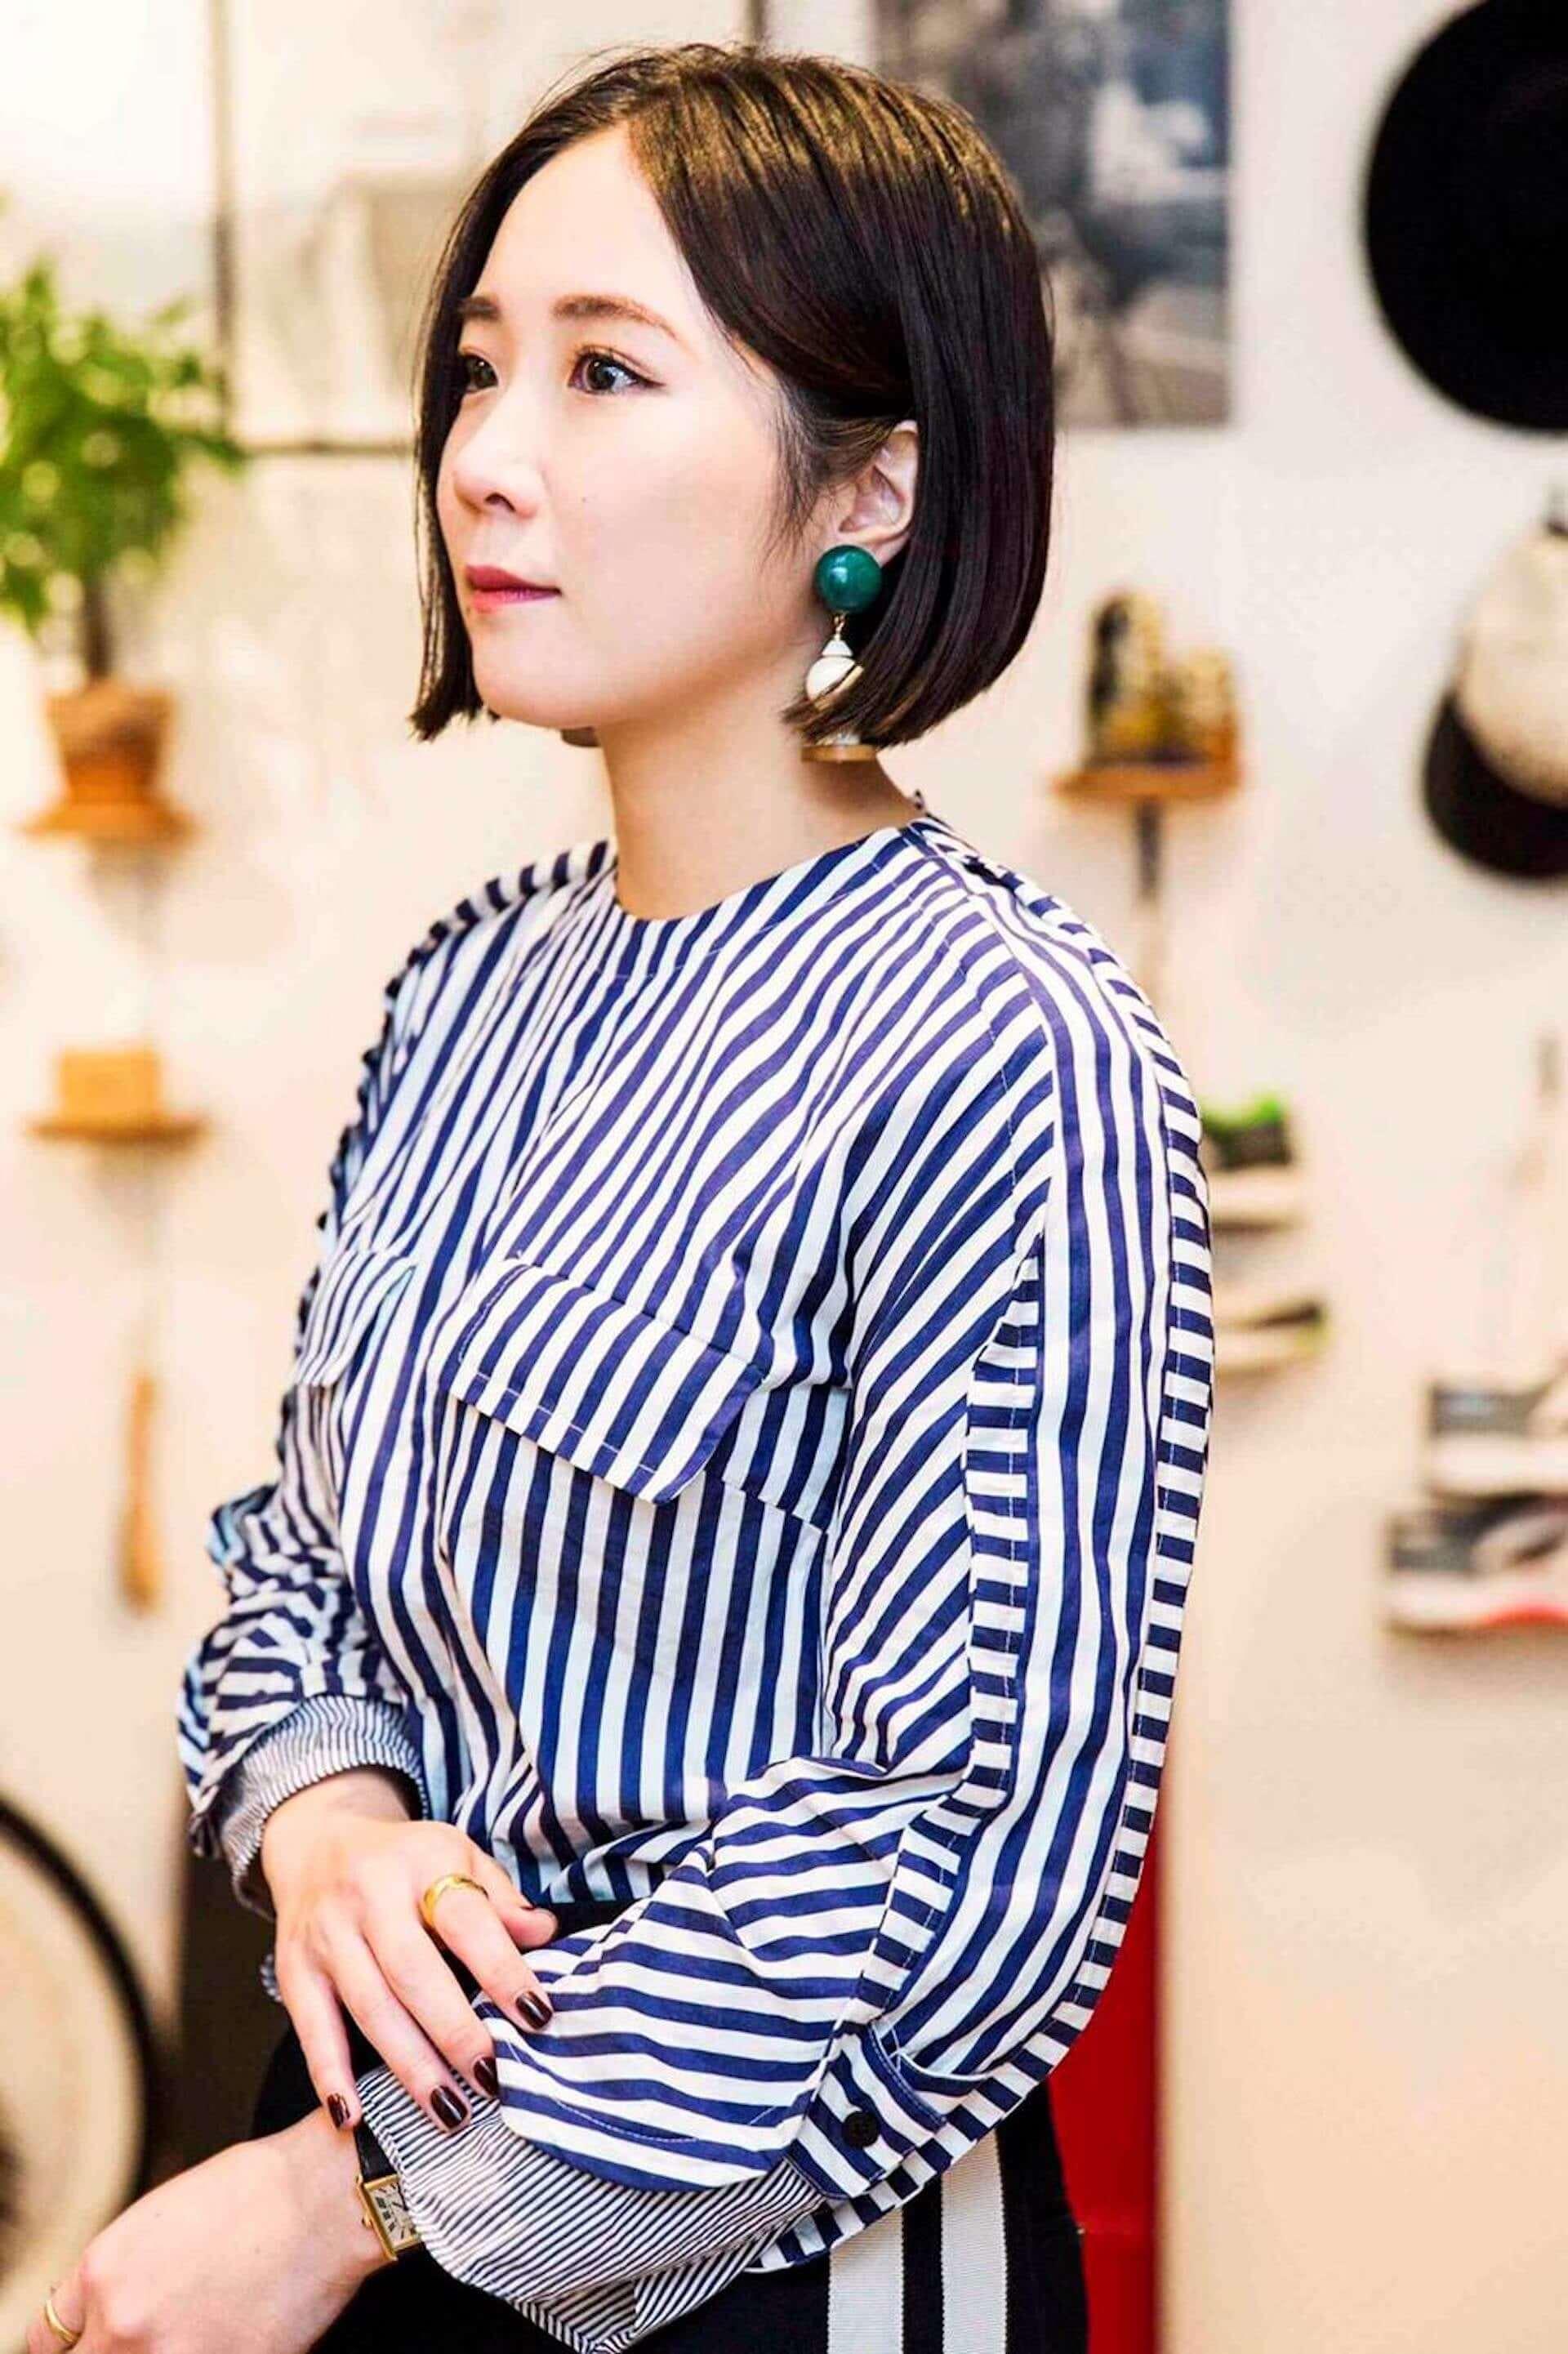 フィットネスとファッションを融合するReebok Store Shibuyaがオープン|スタイリングプロジェクト実施、限定アイテムも life190913_reebok_7-1920x2882